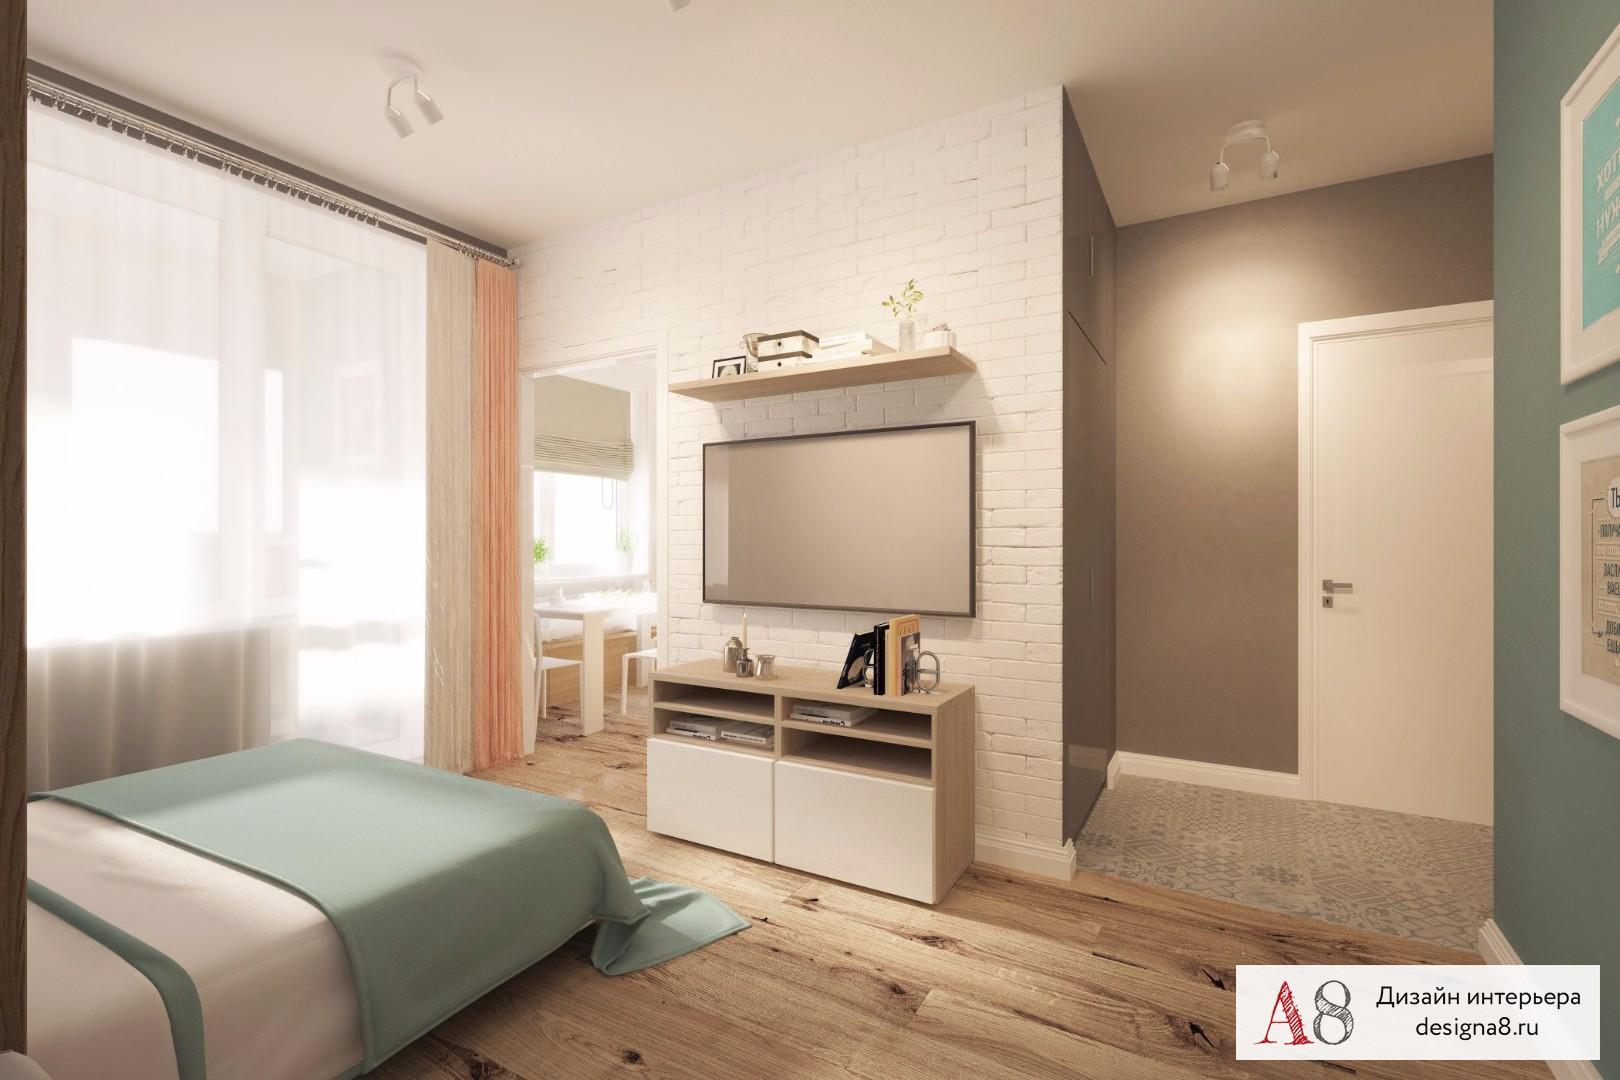 Дизайн 2 комнатной квартиры 43 квм в хрущевке